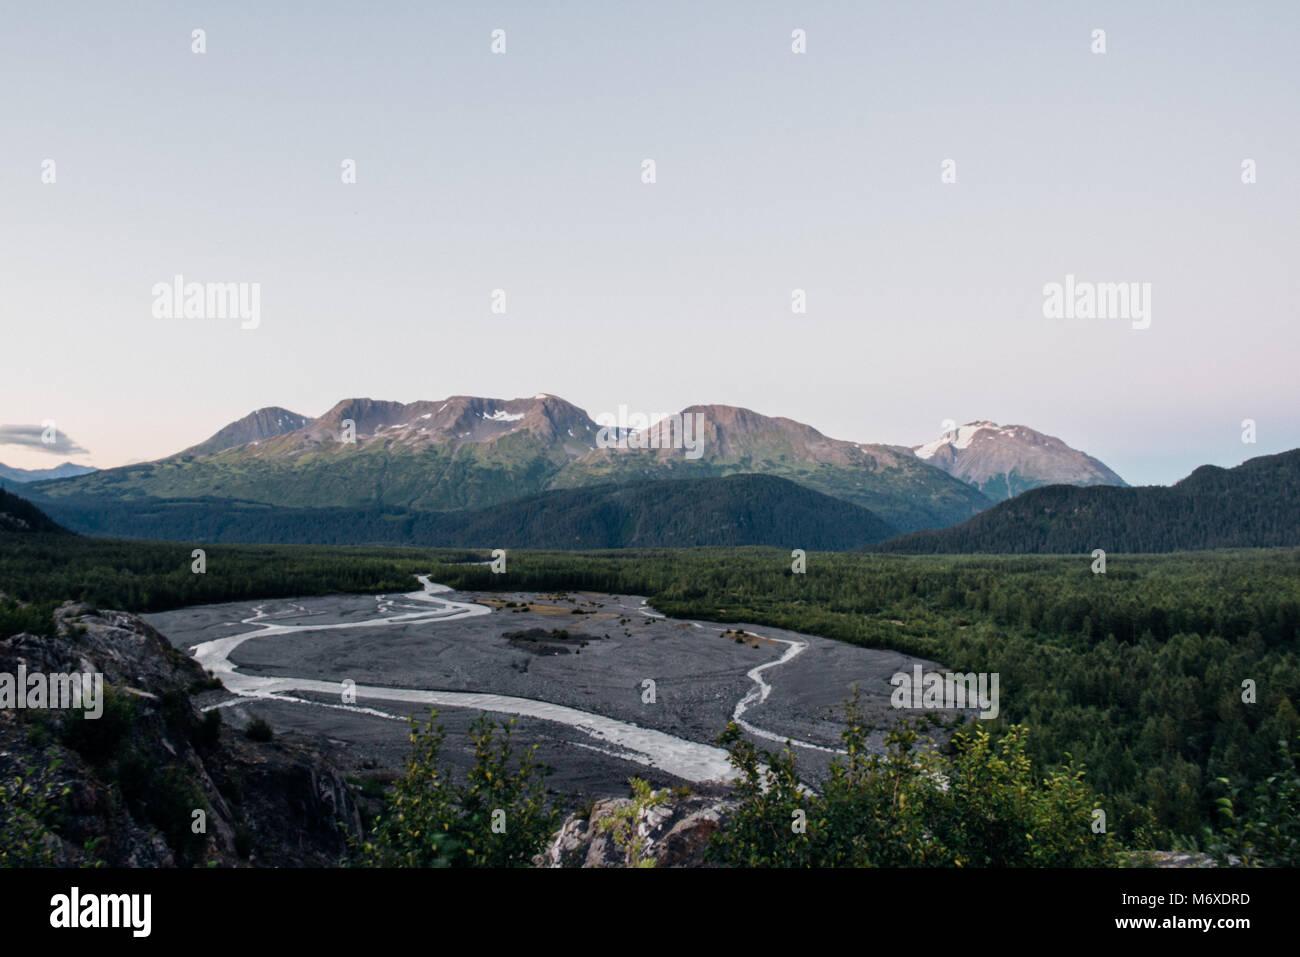 Kenai Fjords National Park - Stock Image